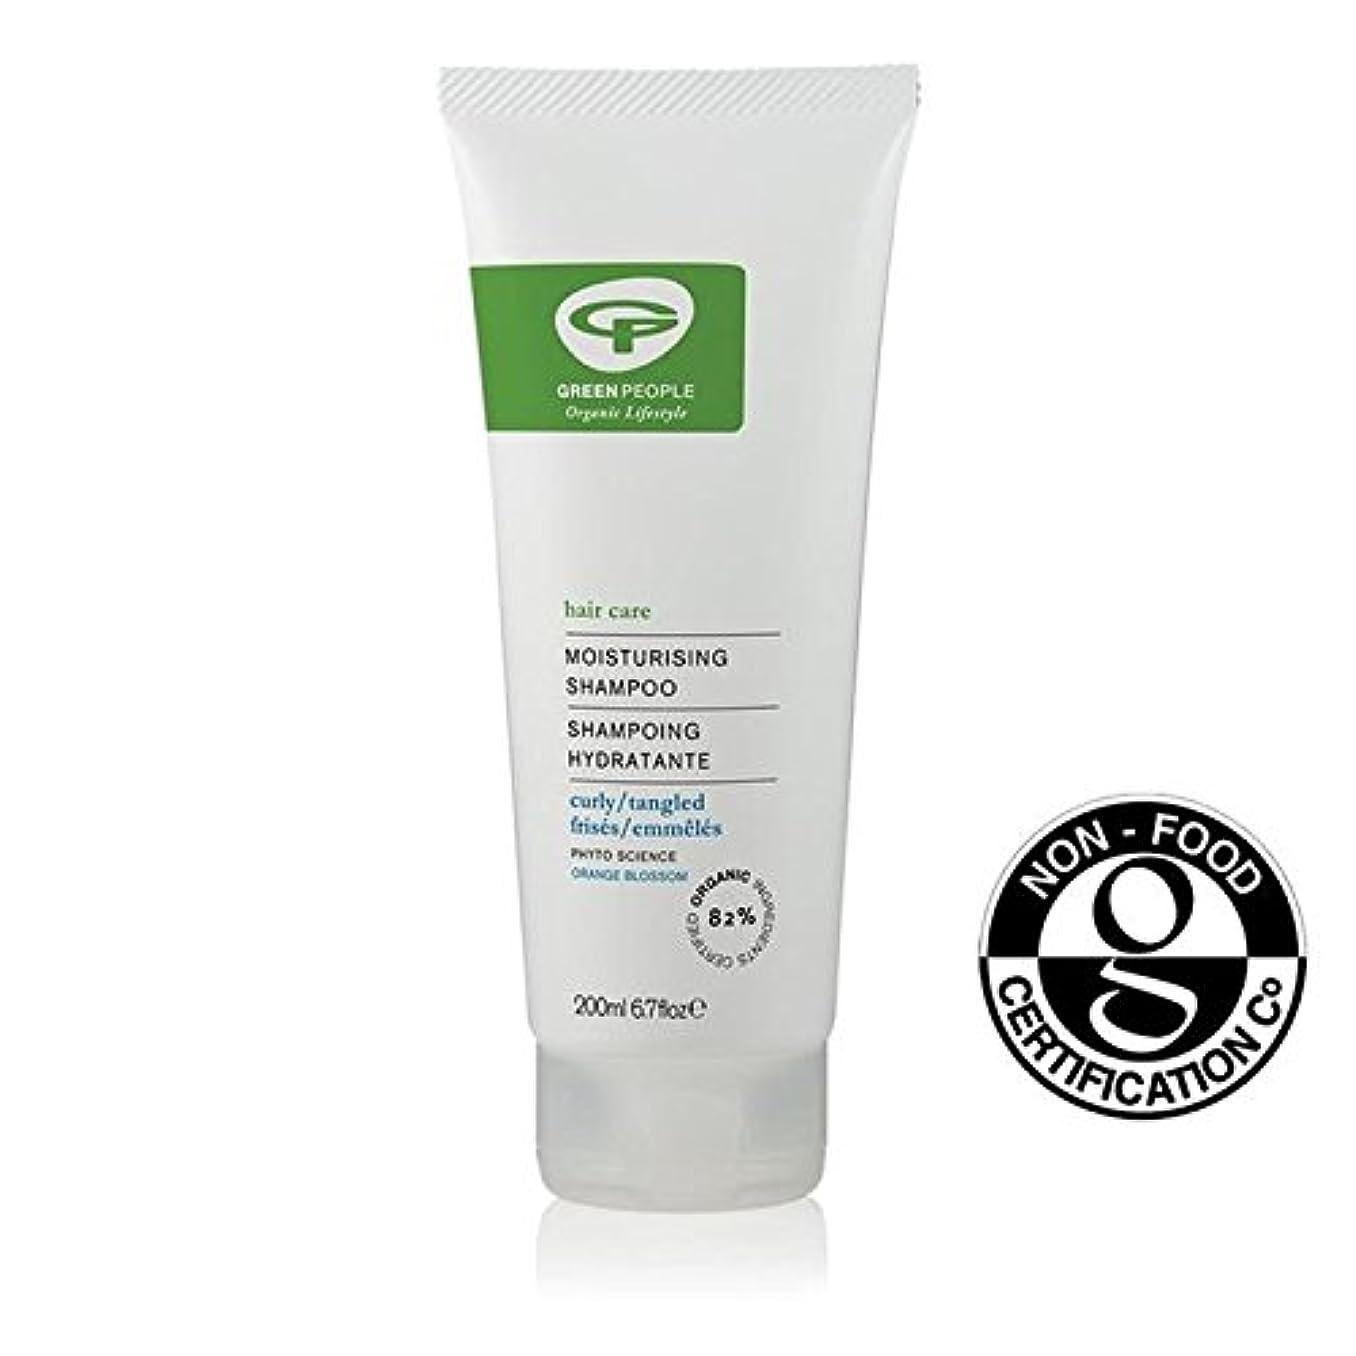 財布インストール吸収するGreen People Organic Moisturising Shampoo 200ml - 緑の人々の有機保湿シャンプー200ミリリットル [並行輸入品]